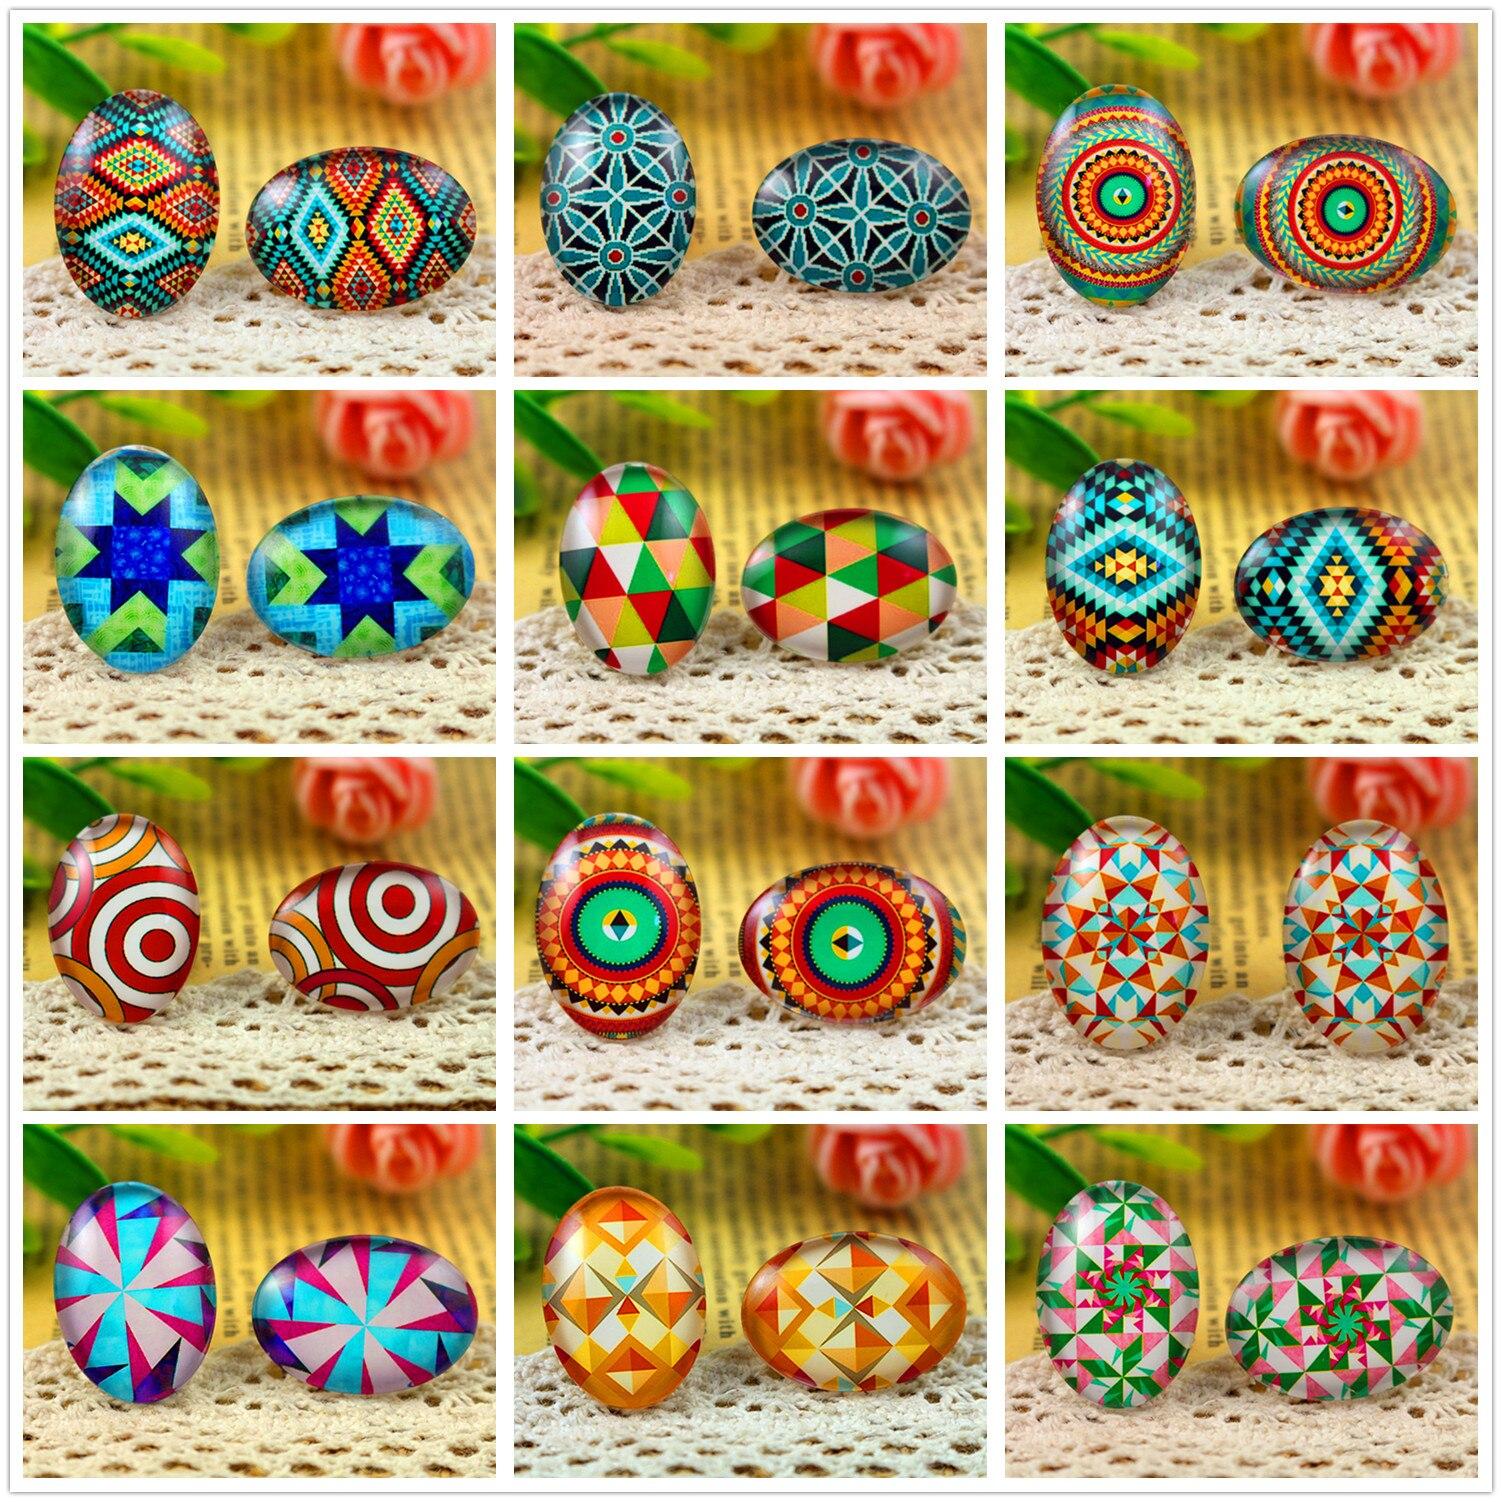 2020 Hot Sale 10pcs 18x25mm Handmade Photo Glass Cabochons